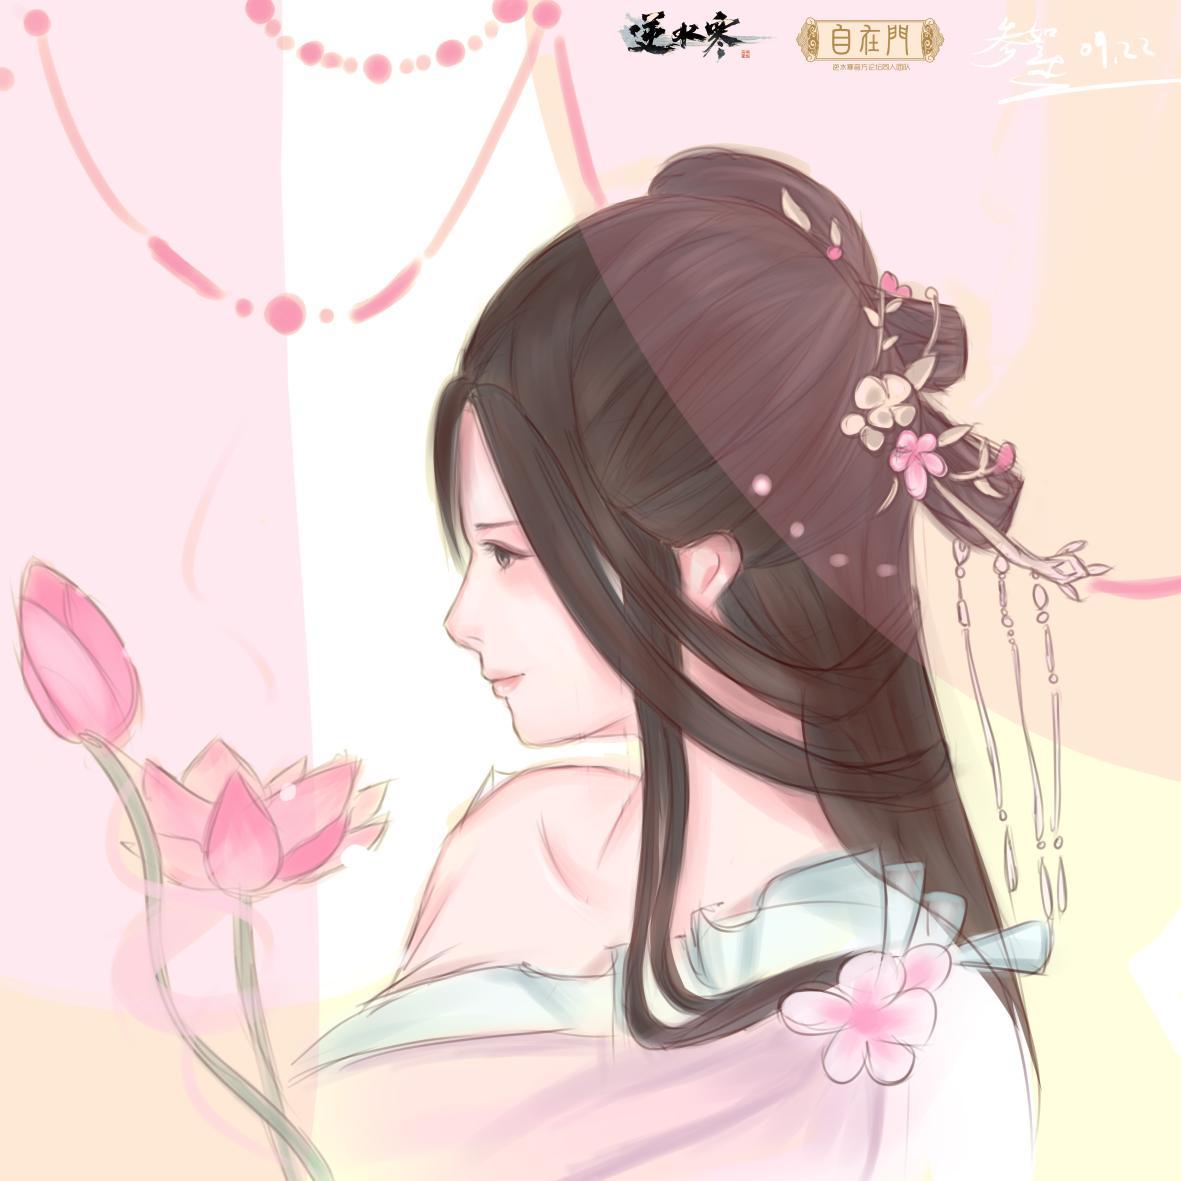 【自在门】手绘,急,在线等,谁丢了只粉红小仙女?